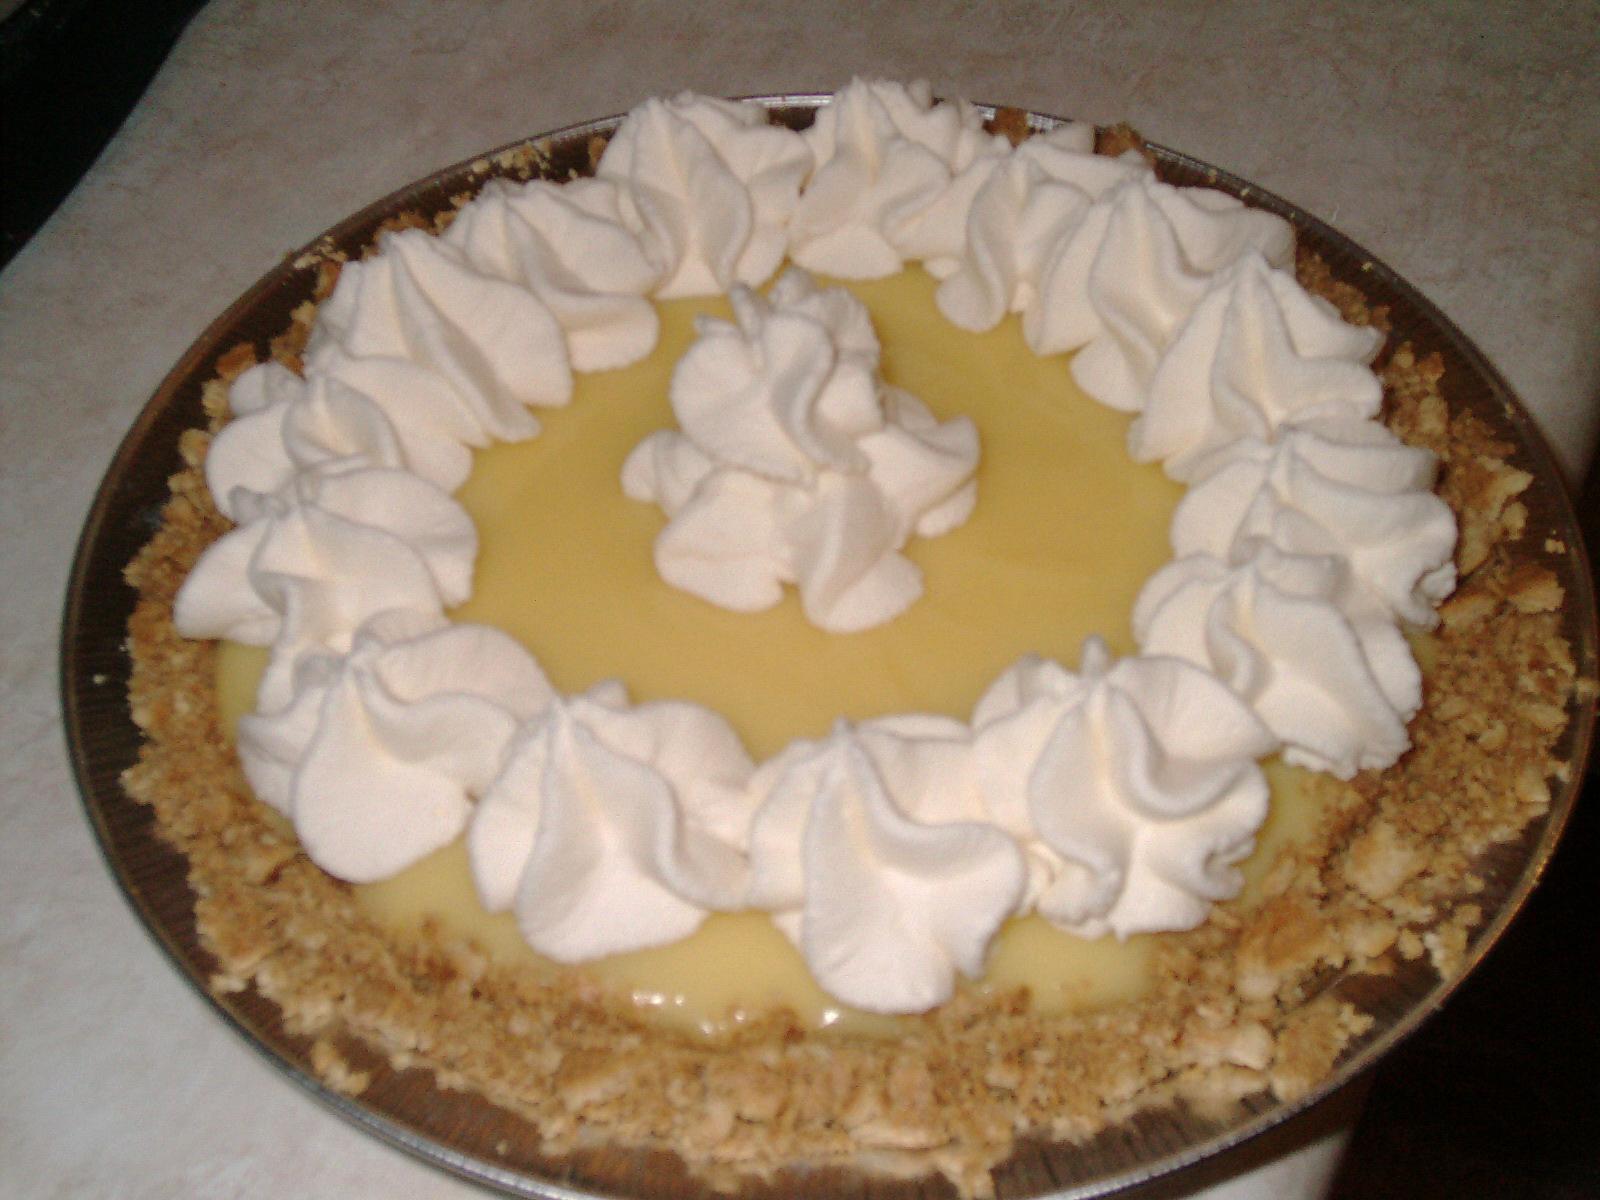 Description Banana cream pie with whipped cream, September 2009.jpg